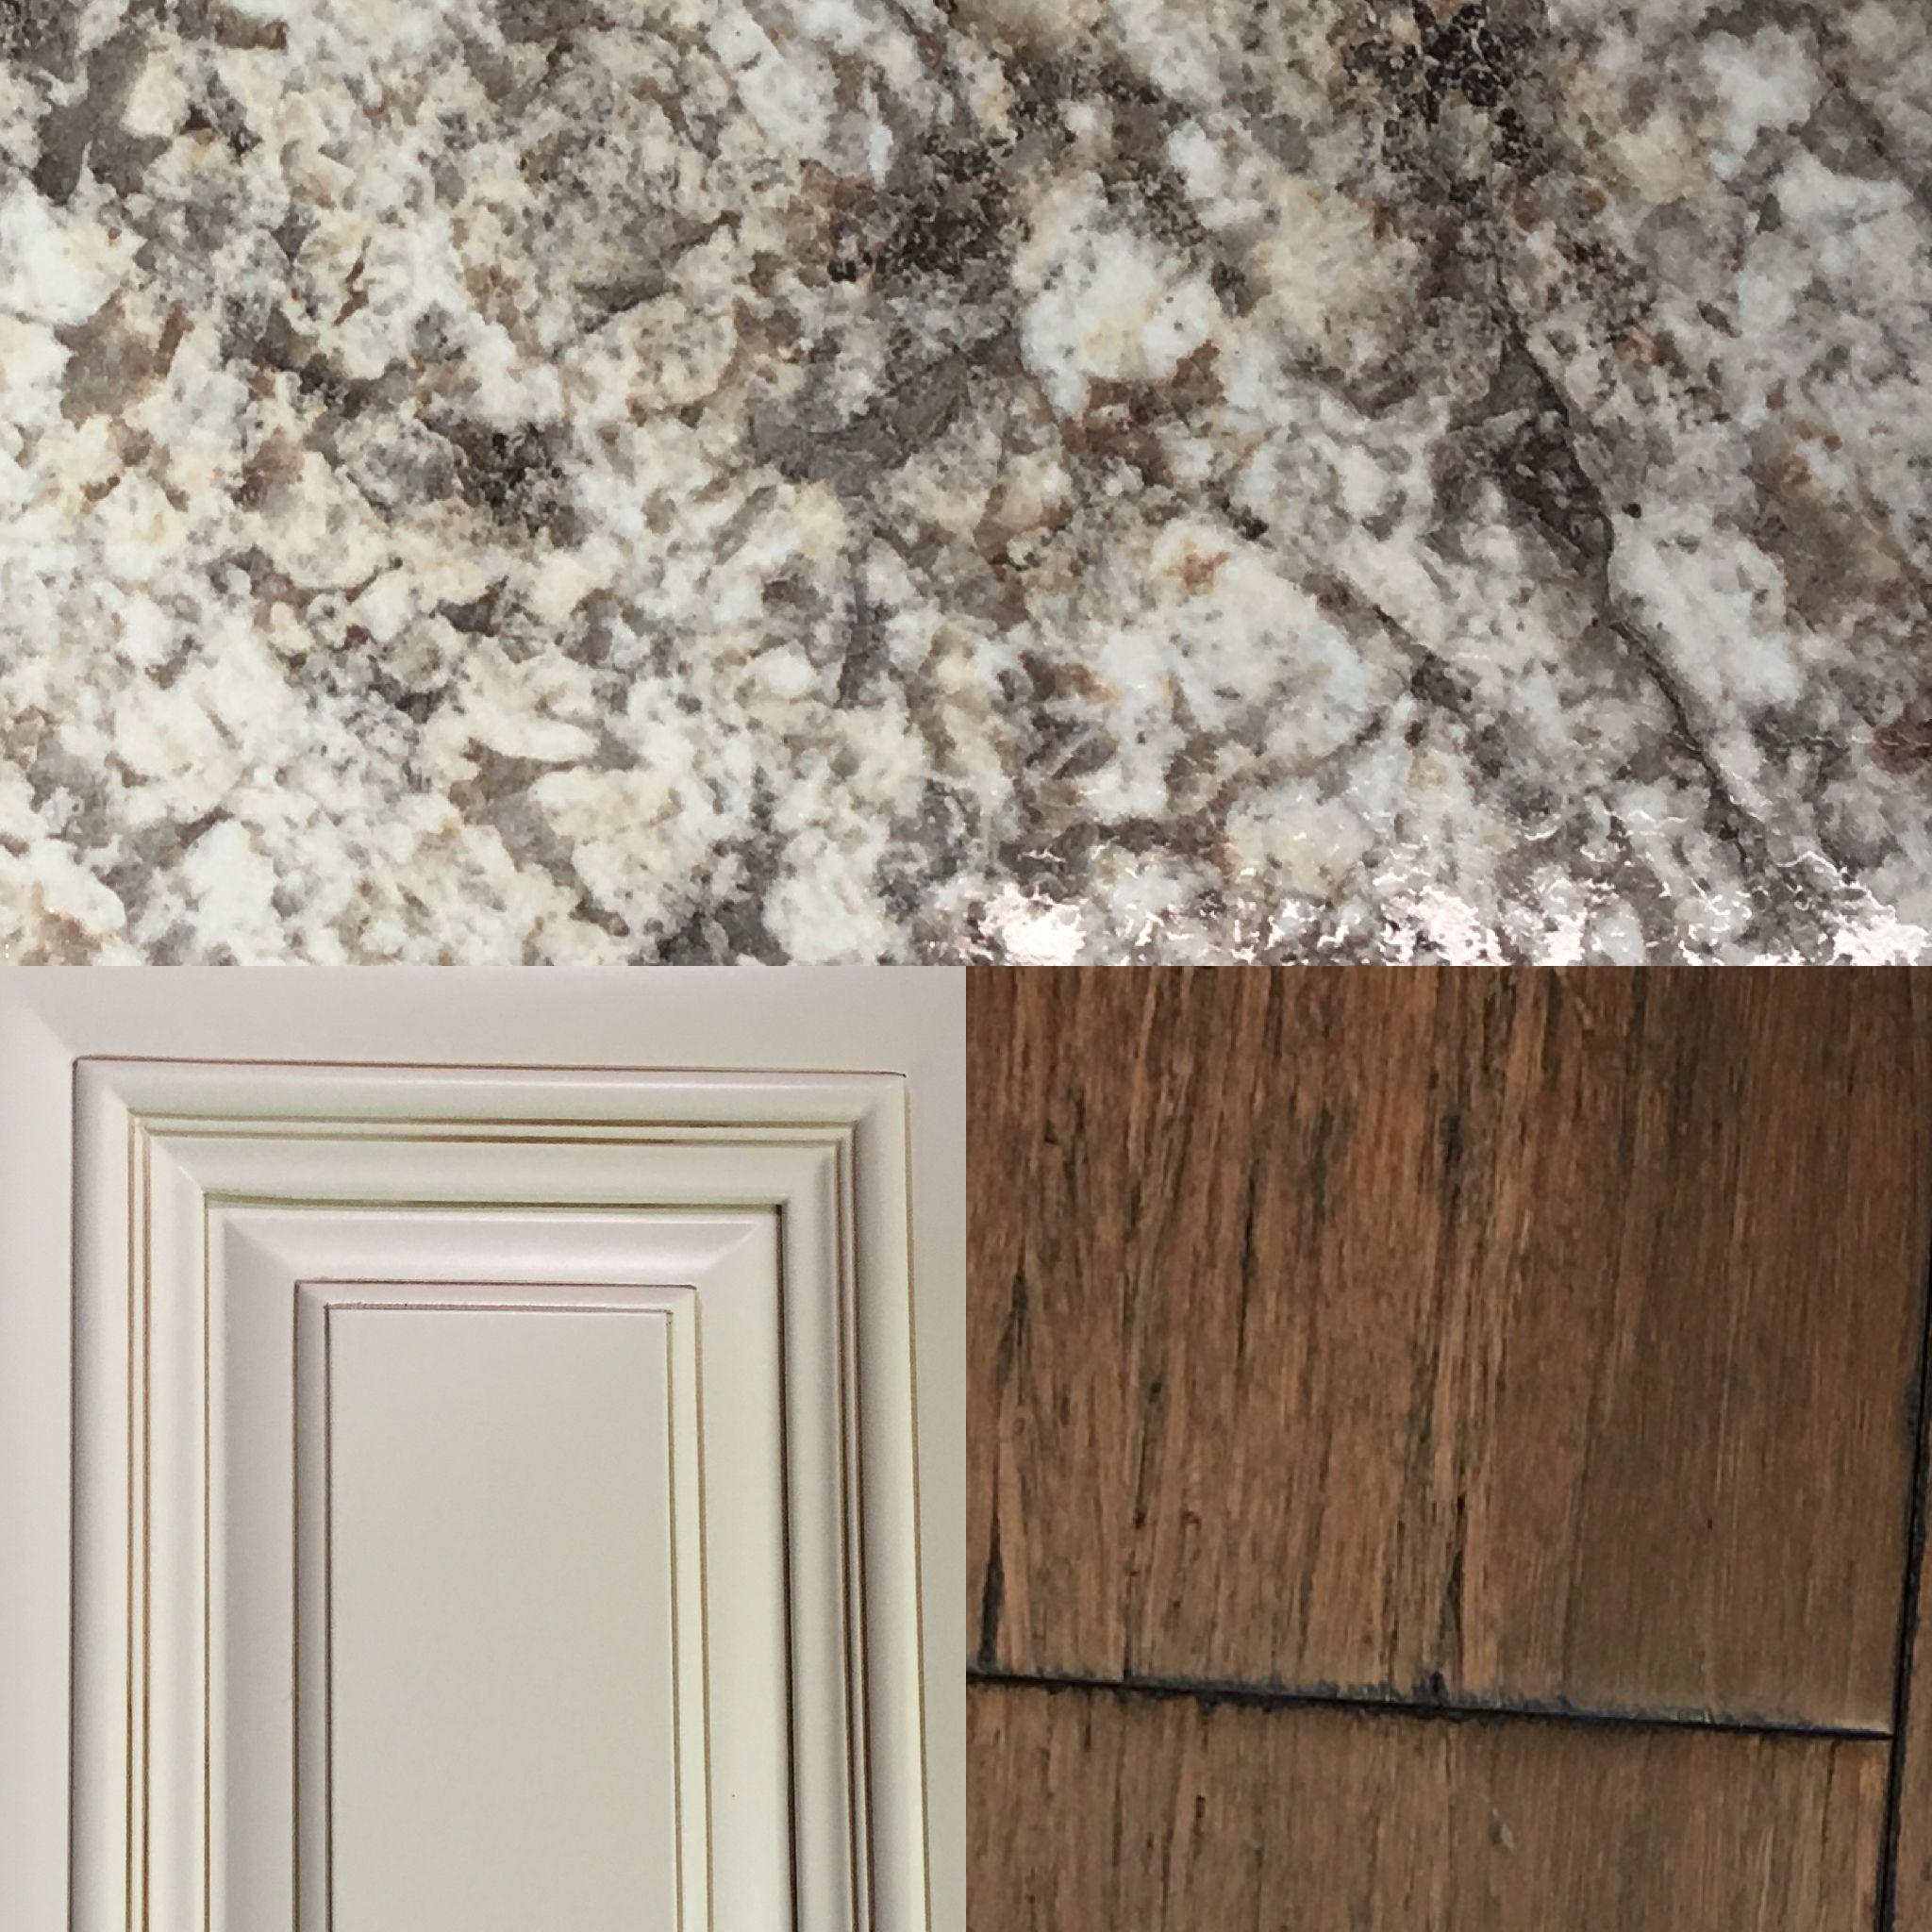 Bianco Romano Laminate Countertops Antique White Cabinets